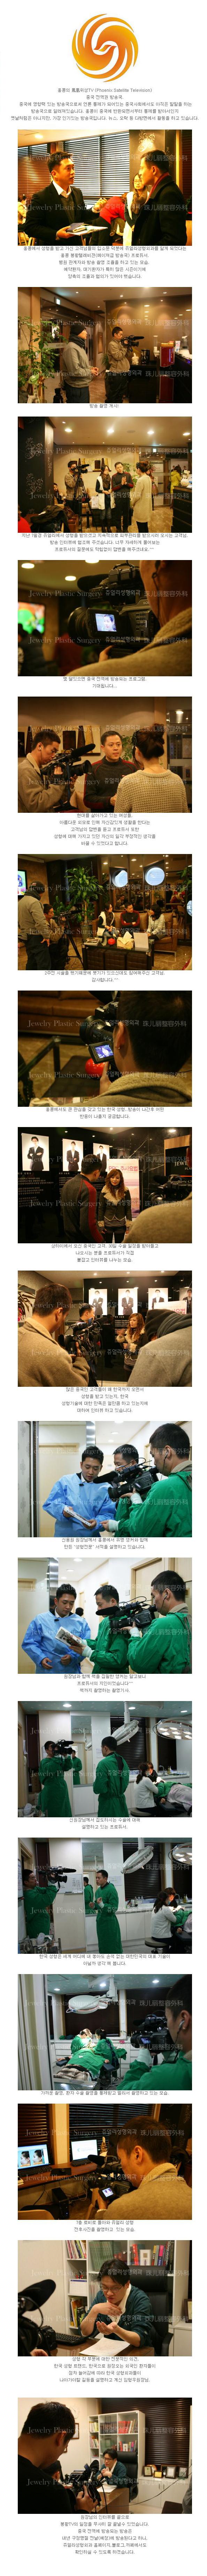 홍콩 봉황TV 쥬얼리성형외과 촬영